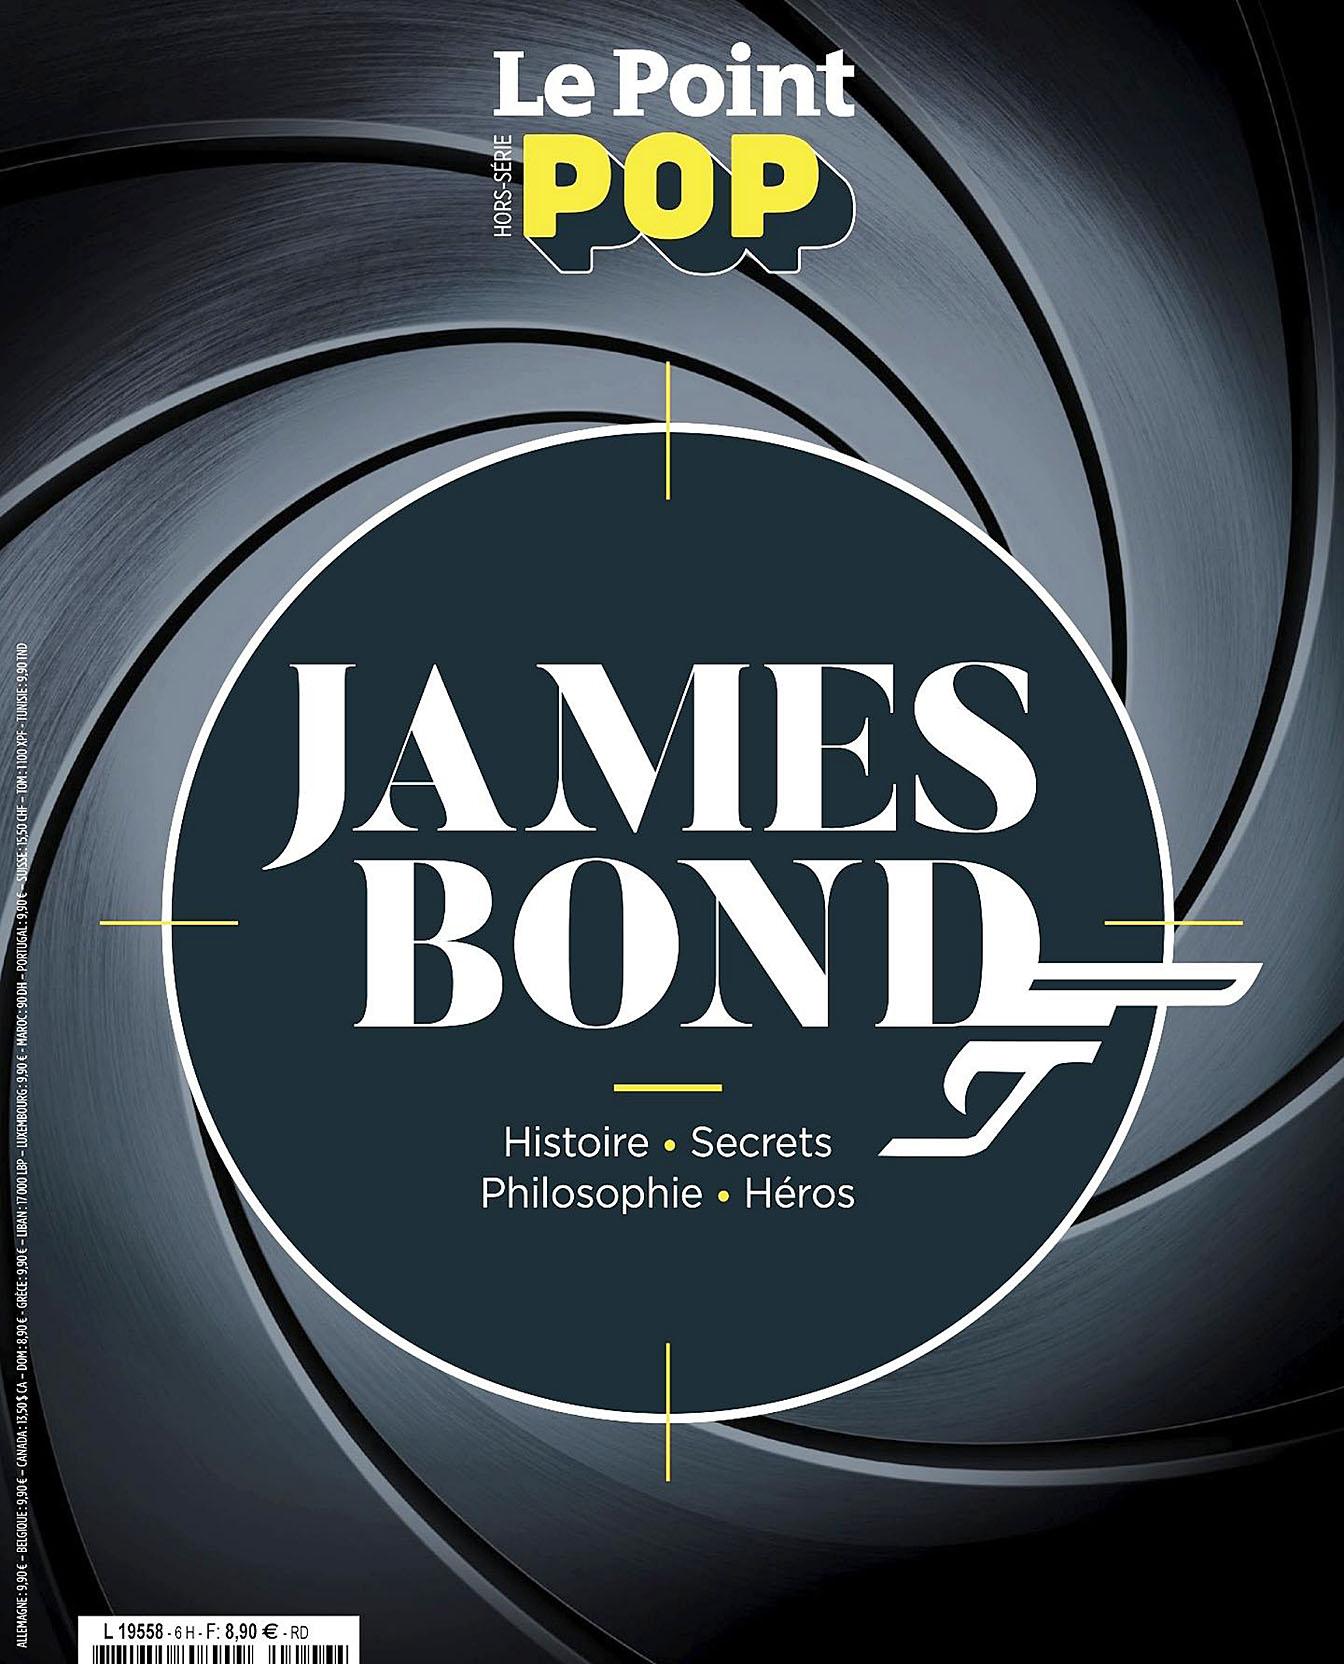 Le Point Sp Pop 06 2020-02-03 Bond.jpg